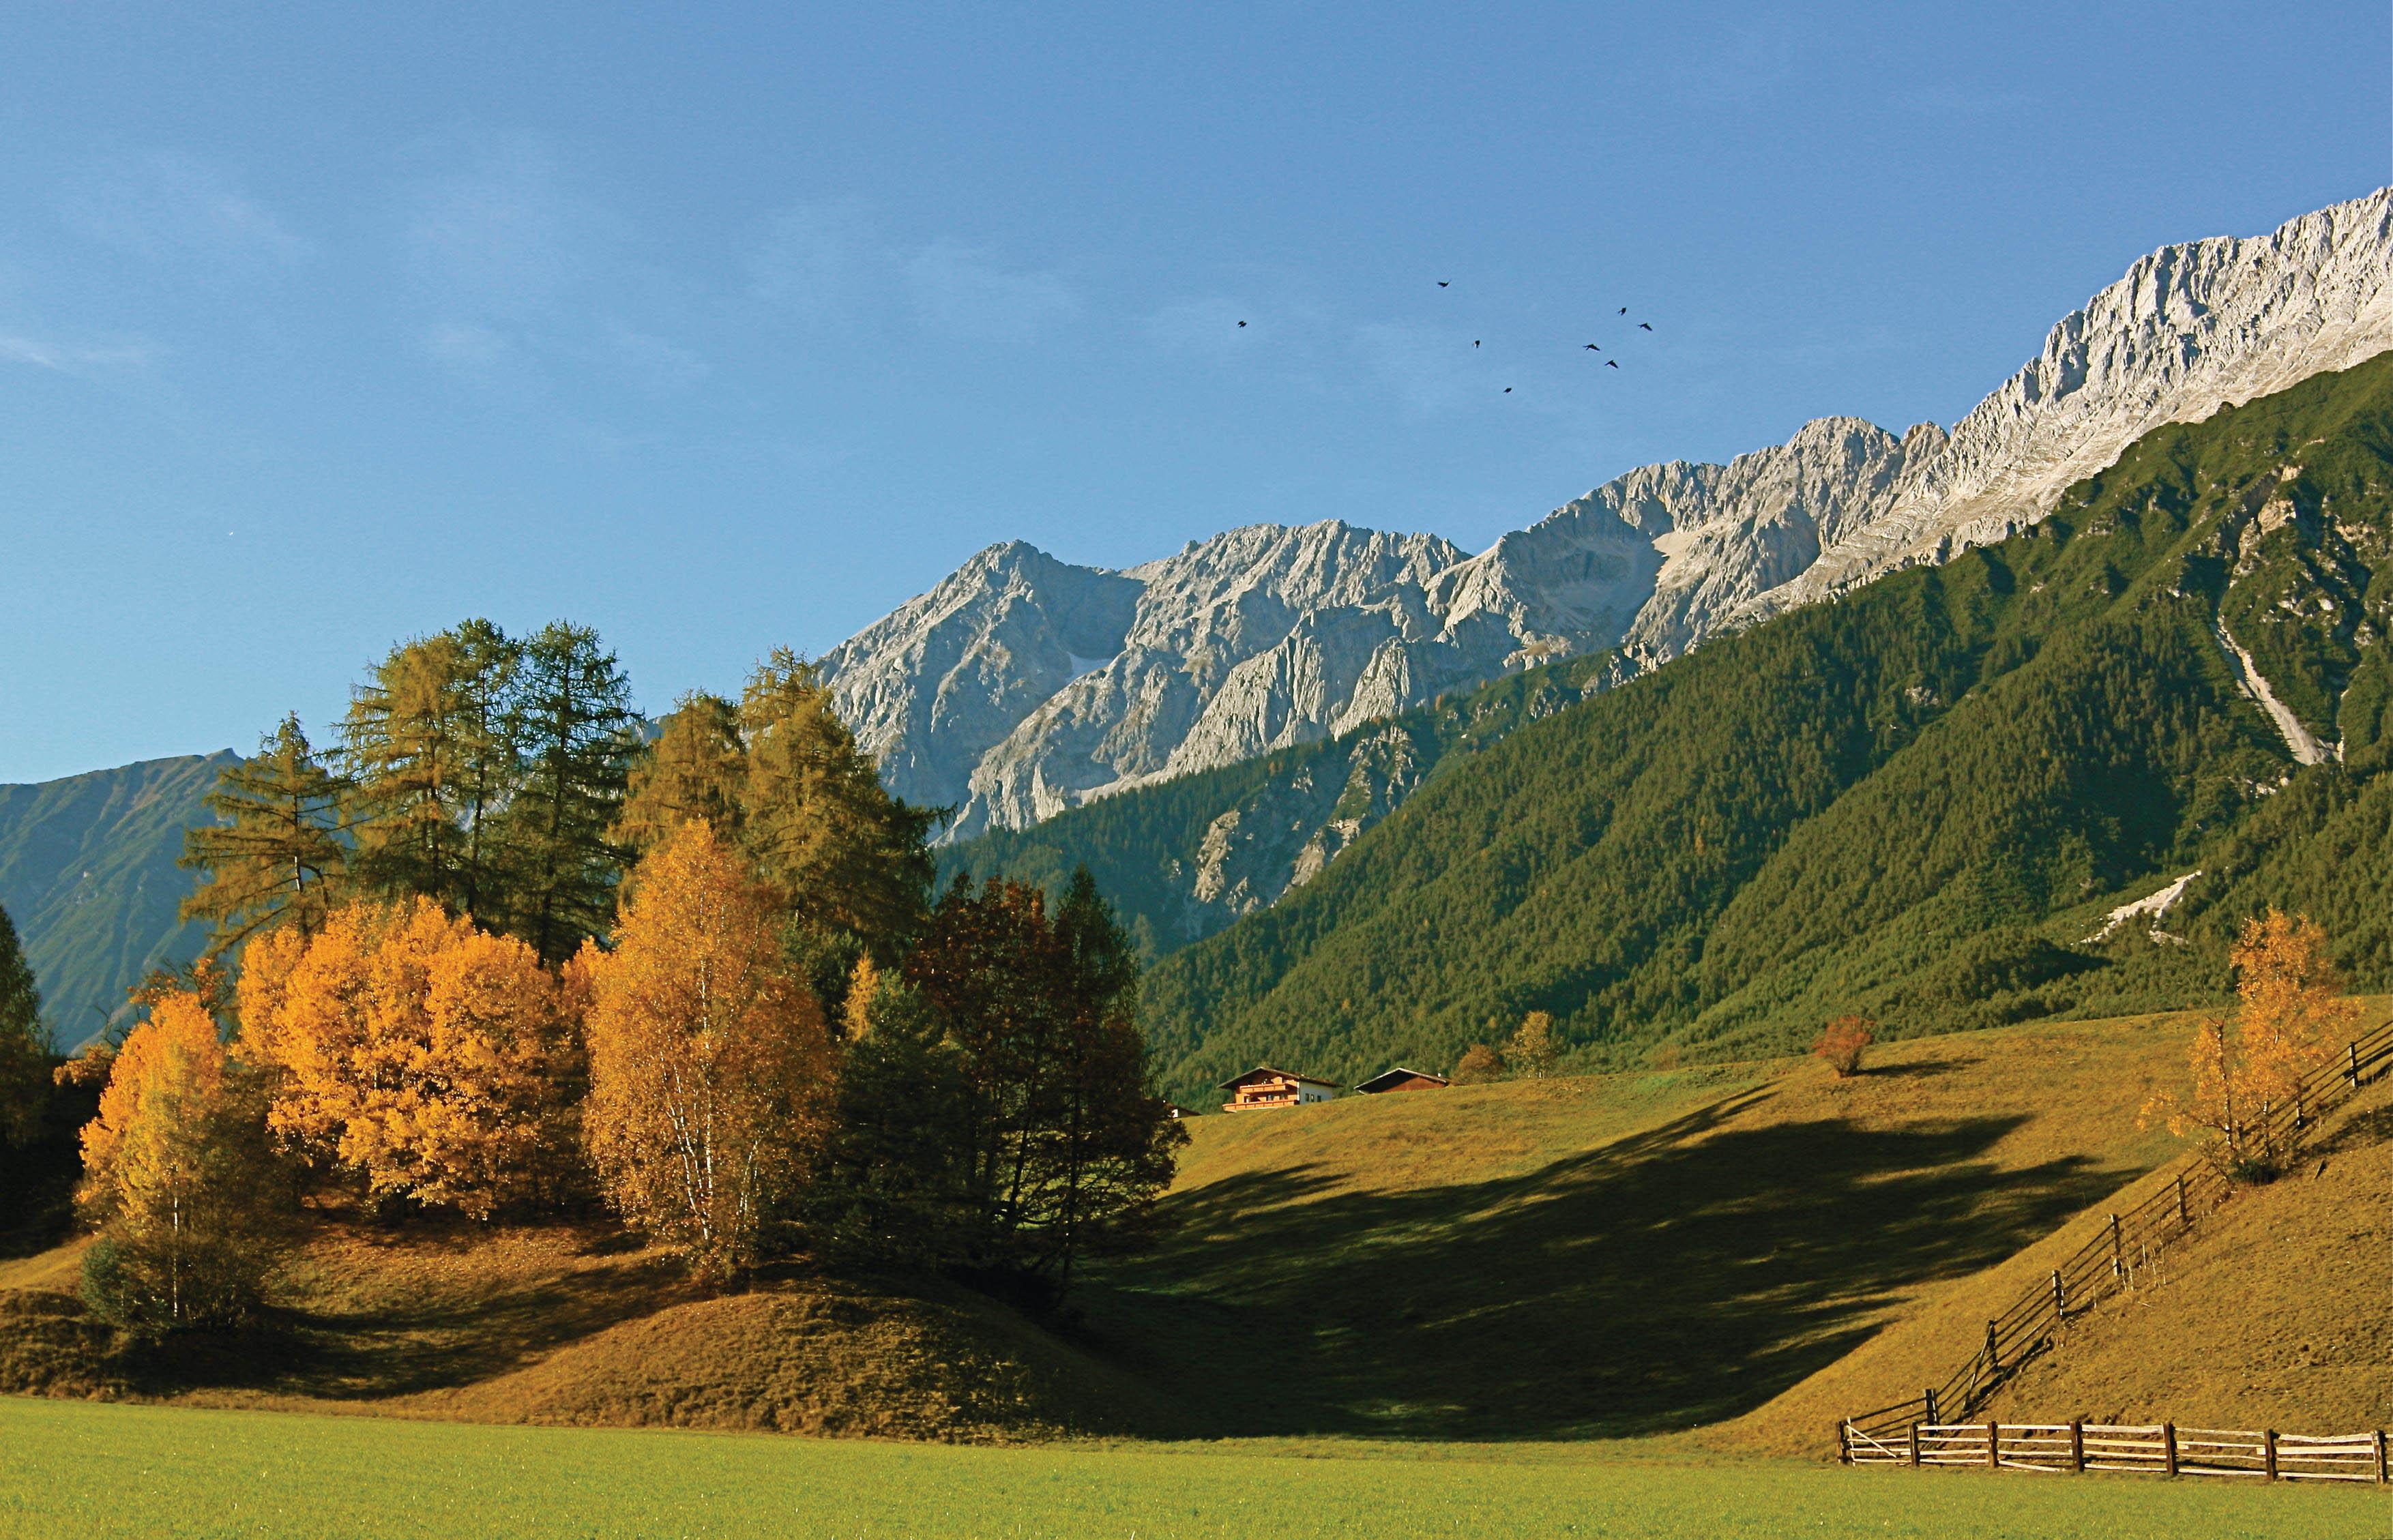 HERBST MIEMINGER PLATEAU © Innsbruck Tourismus  Helmut Wagner